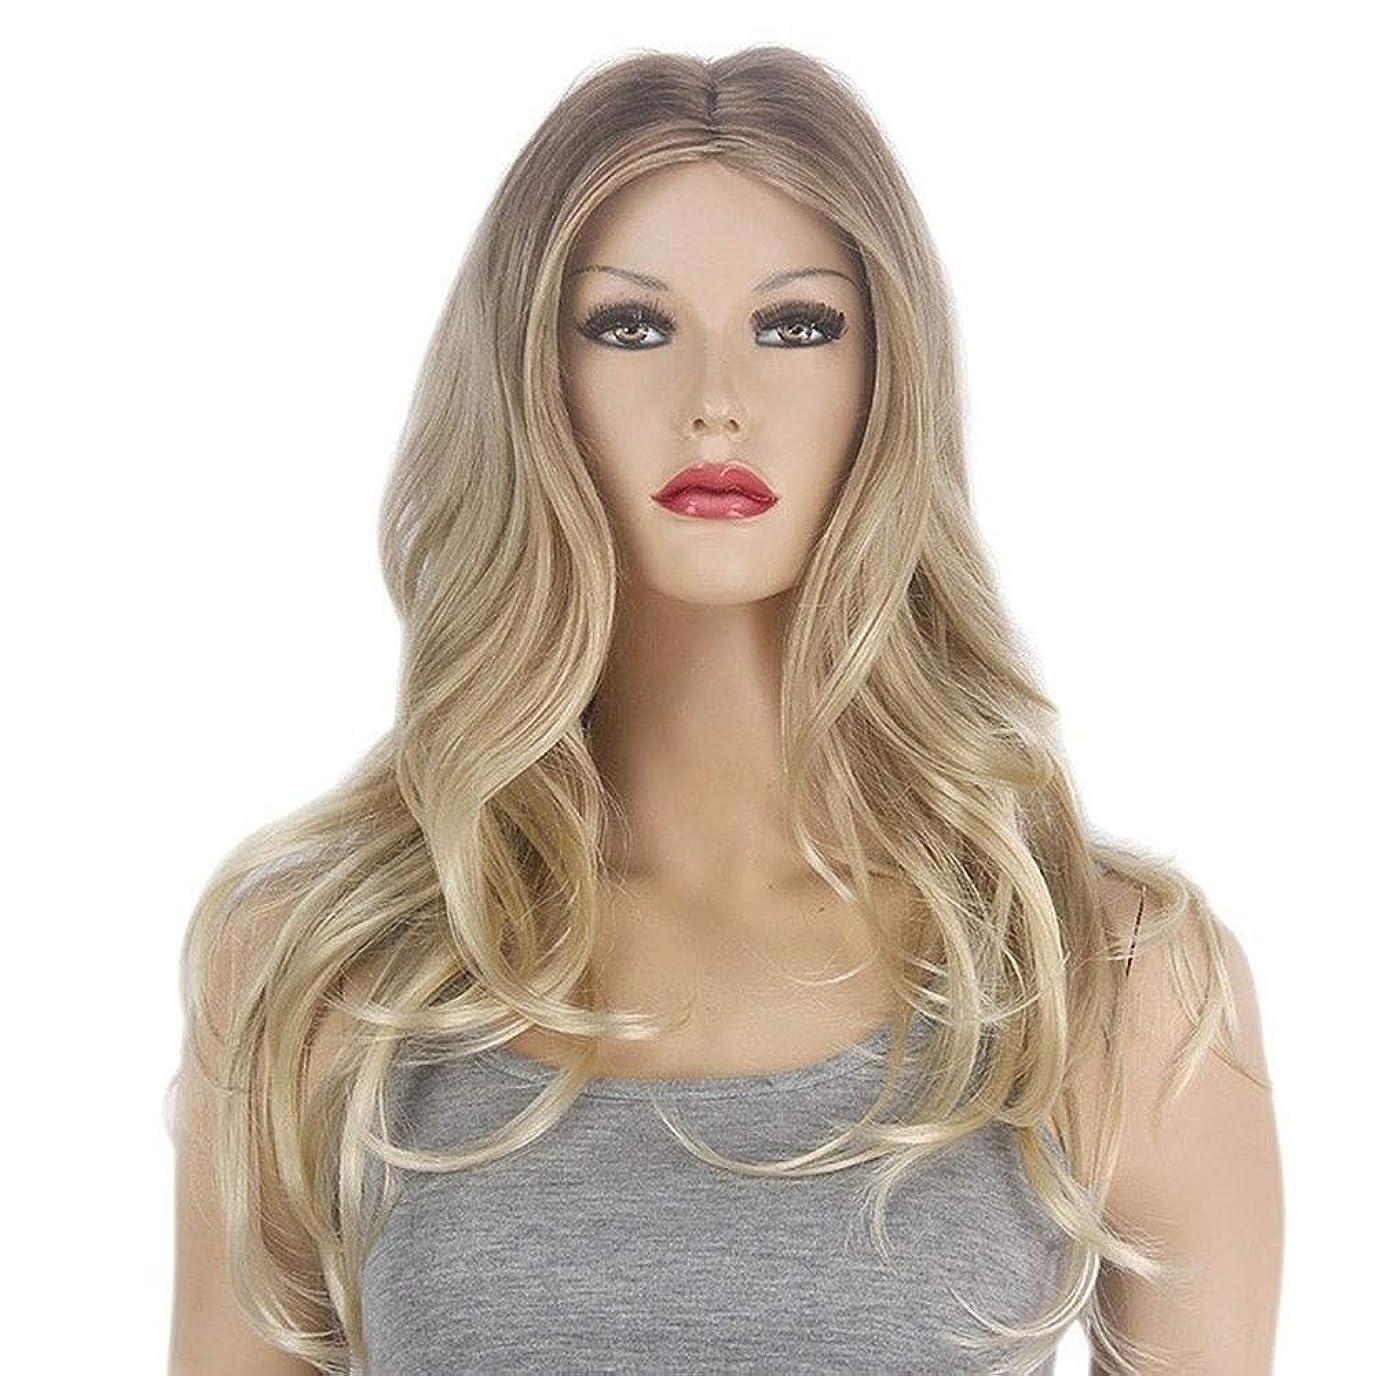 理解する少数彼らはBOBIDYEE 女性のビッグウェーブライトゴールドの長い巻き毛の人工毛シミュレーションかつら合成髪のレースのかつらロールプレイングかつら (色 : Light blonde)